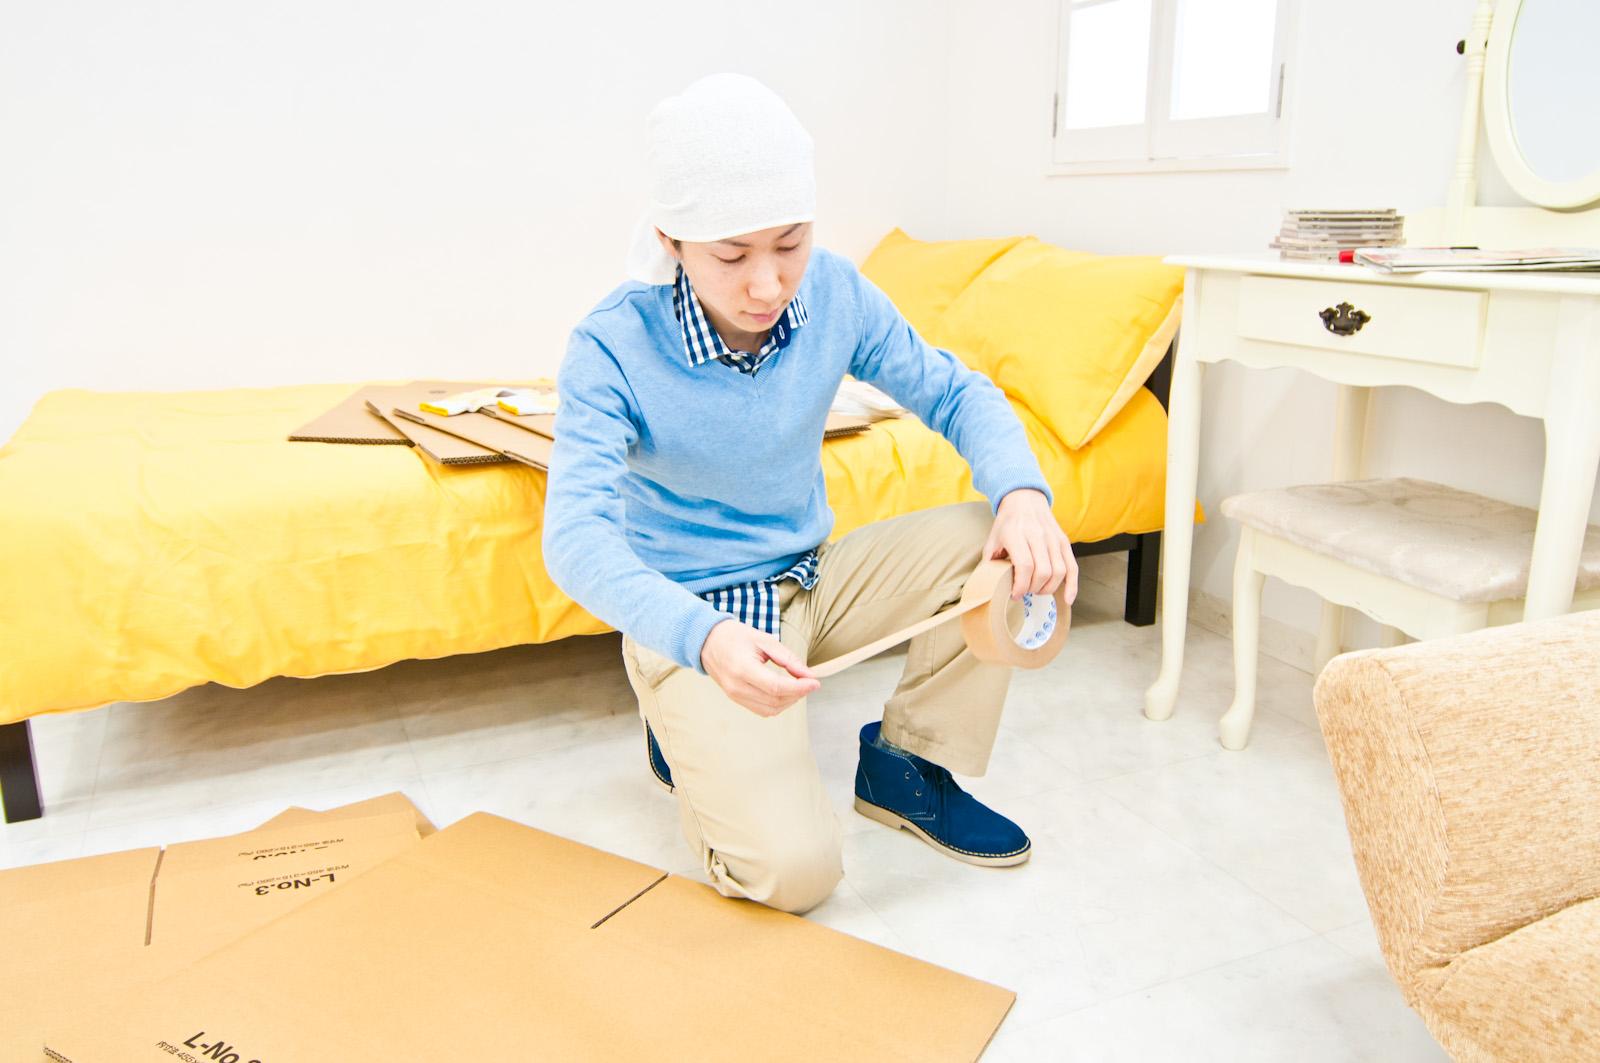 札幌市で引っ越しの準備をしている人